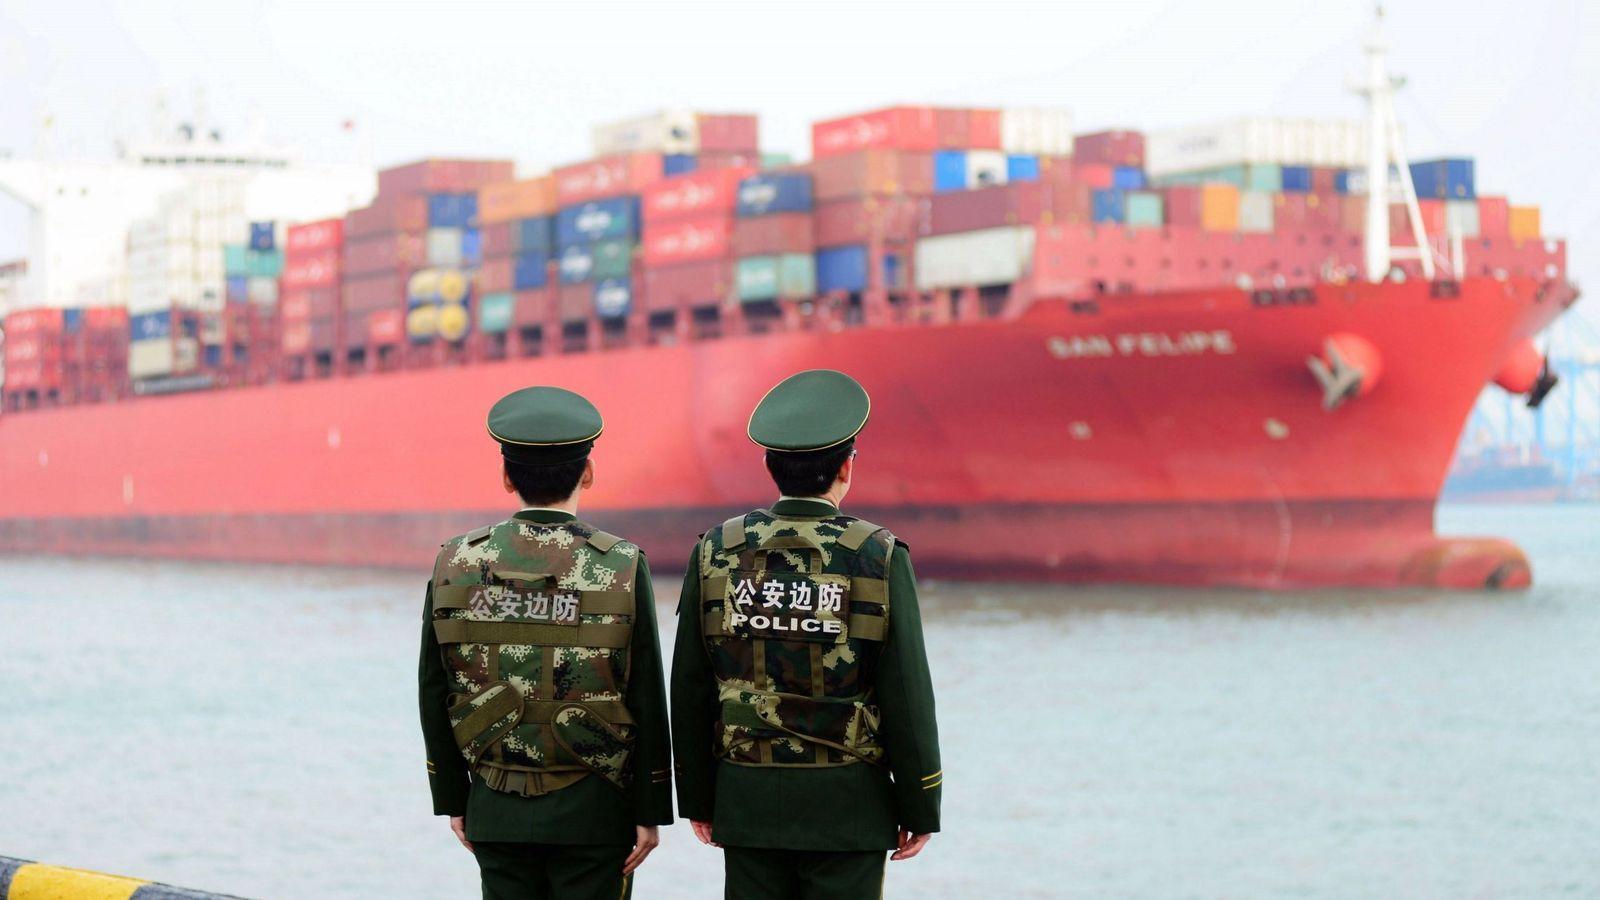 Foto: Dos guardias fronterizos chinos hacen guardia en el puerto de Qingdao, el 8 de marzo de 2018. (EFE)